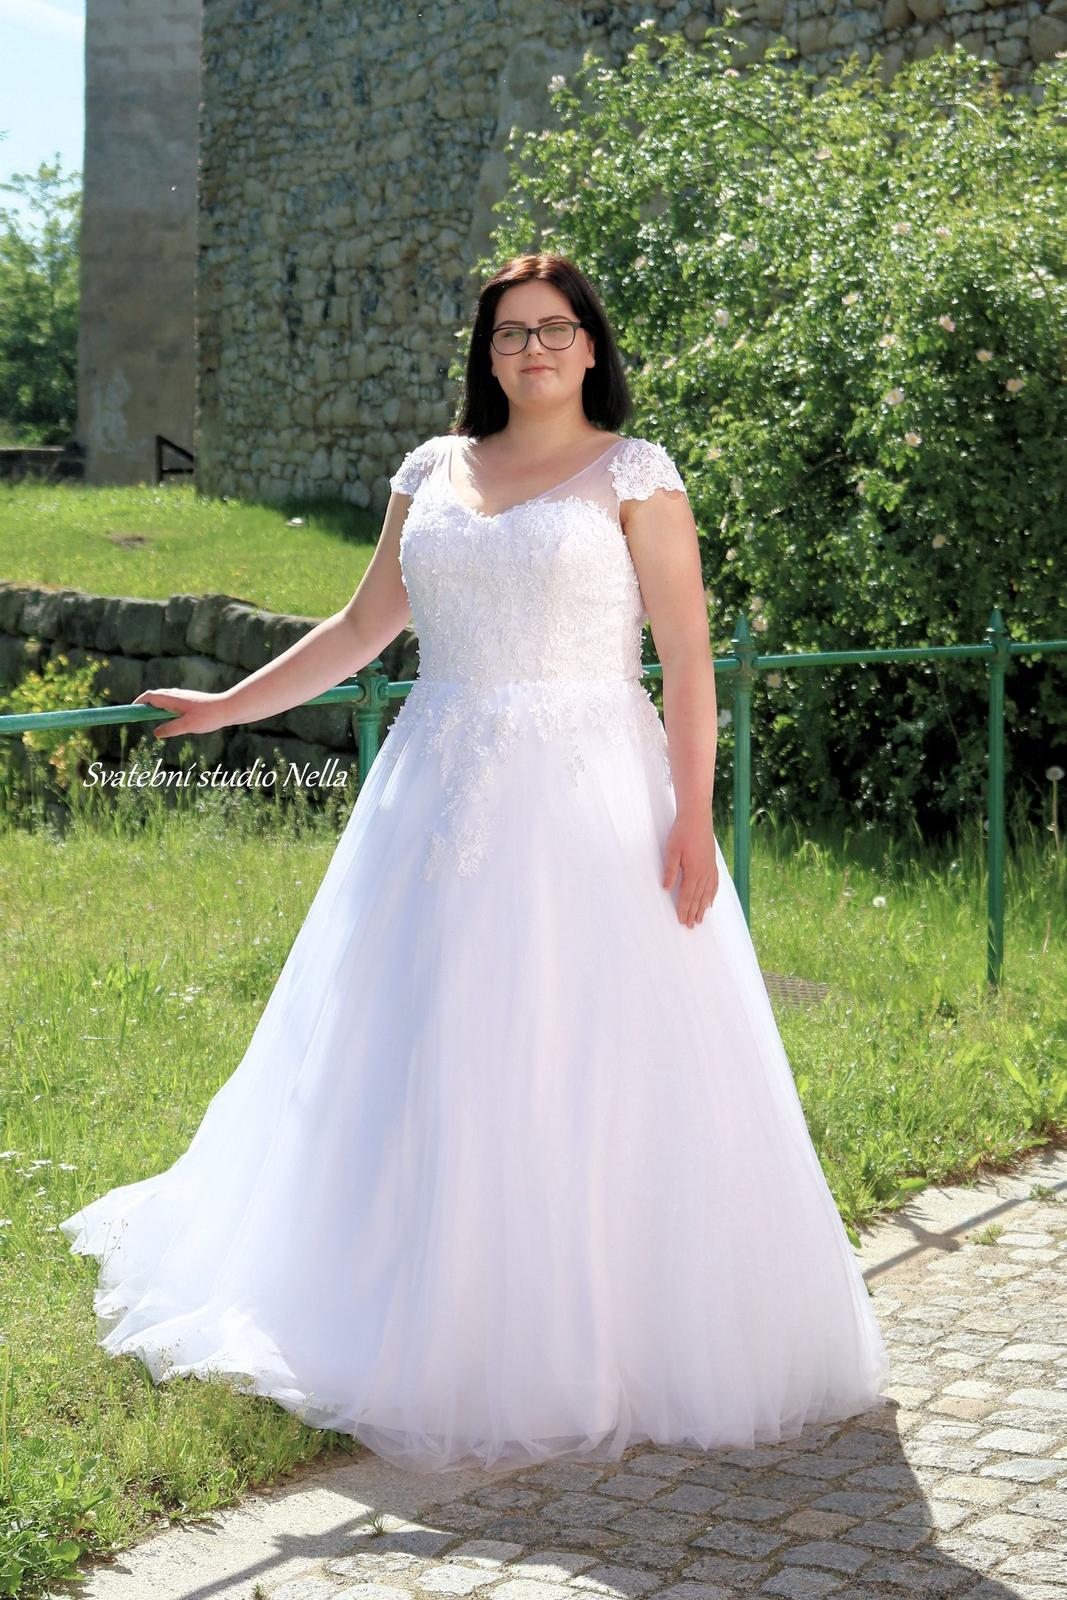 Svatební šaty XXL pro plnoštíhlé nevěsty - Svatební šaty pro plnoštíhlé - velikosti a ceny na našem webu www.svatebninella.cz